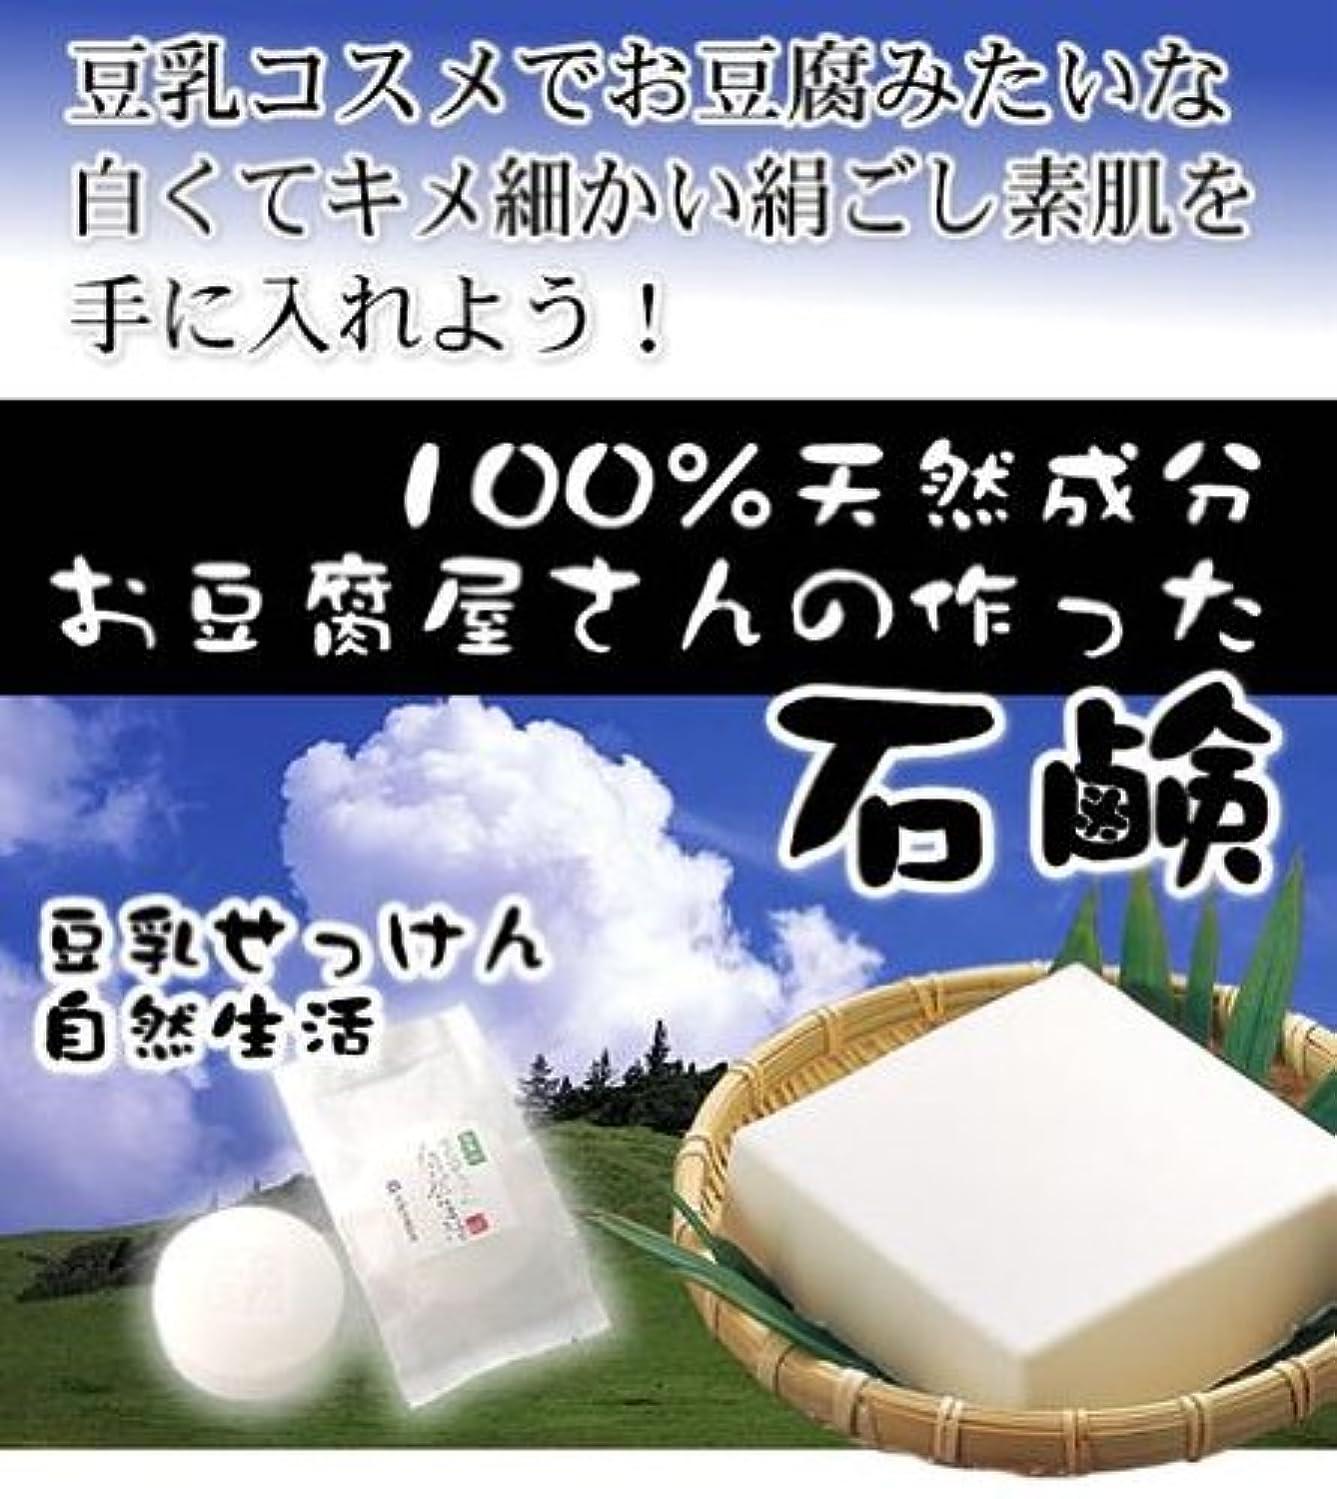 のヒープ処理する天国豆腐の盛田屋 豆乳せっけん 自然生活/ 引越し 新生活 プレゼント ギフト 衣替え クリスマス